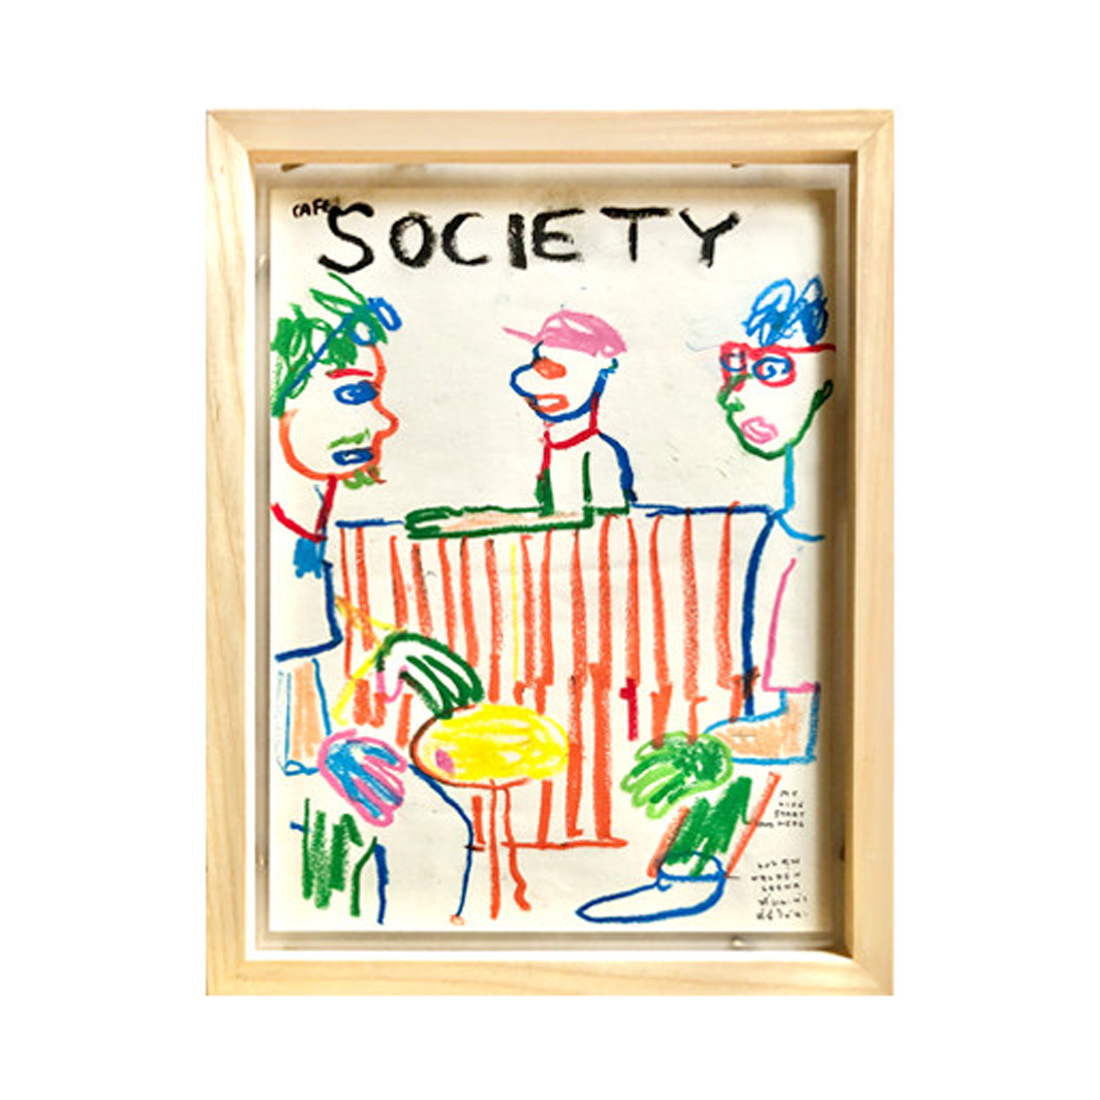 作品「SOCIETY」